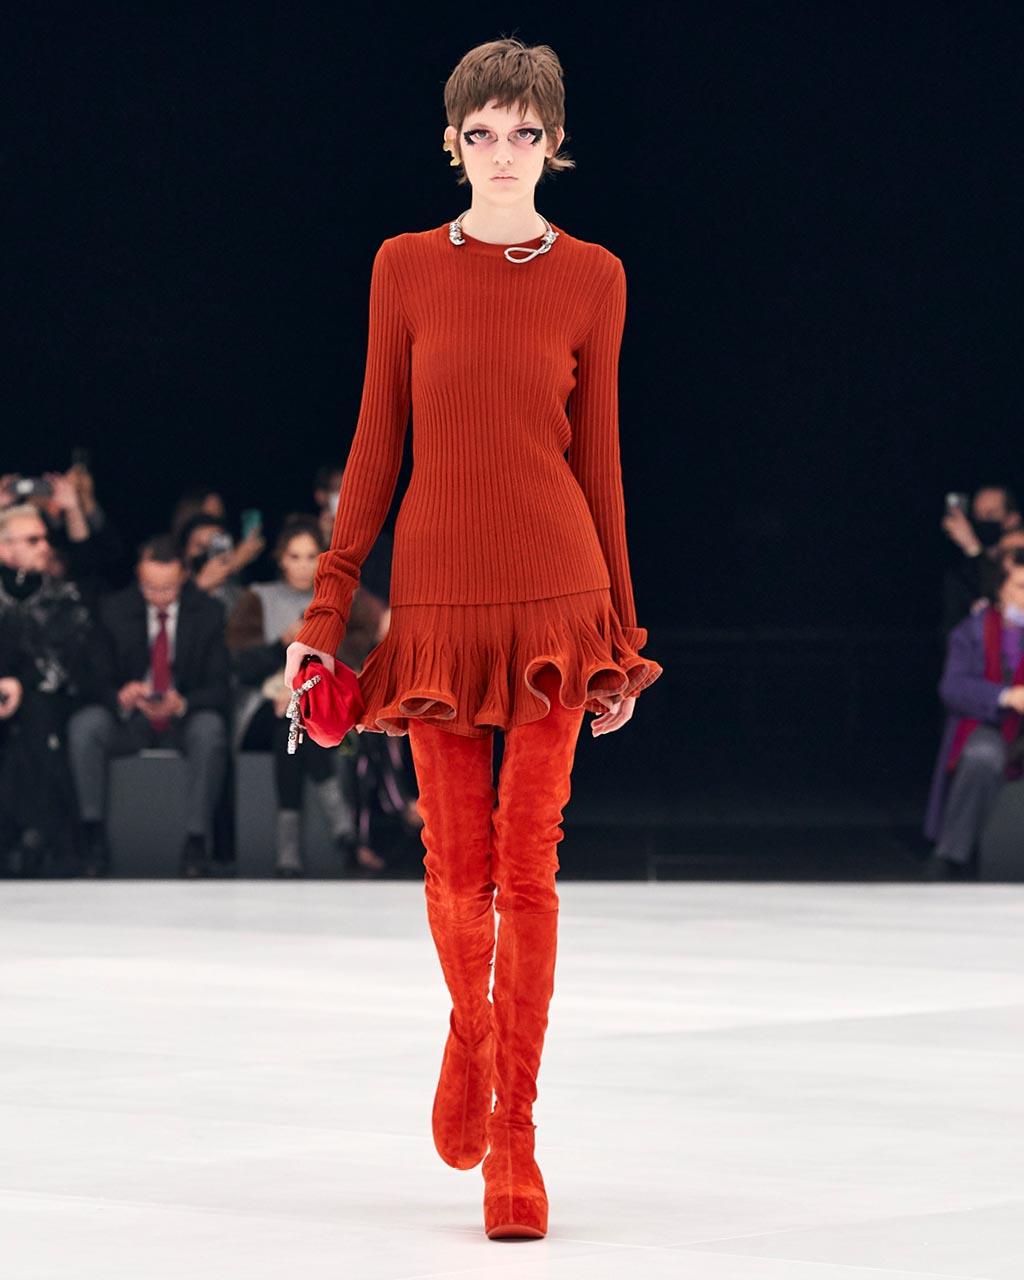 Photo Courtesy: Givenchy